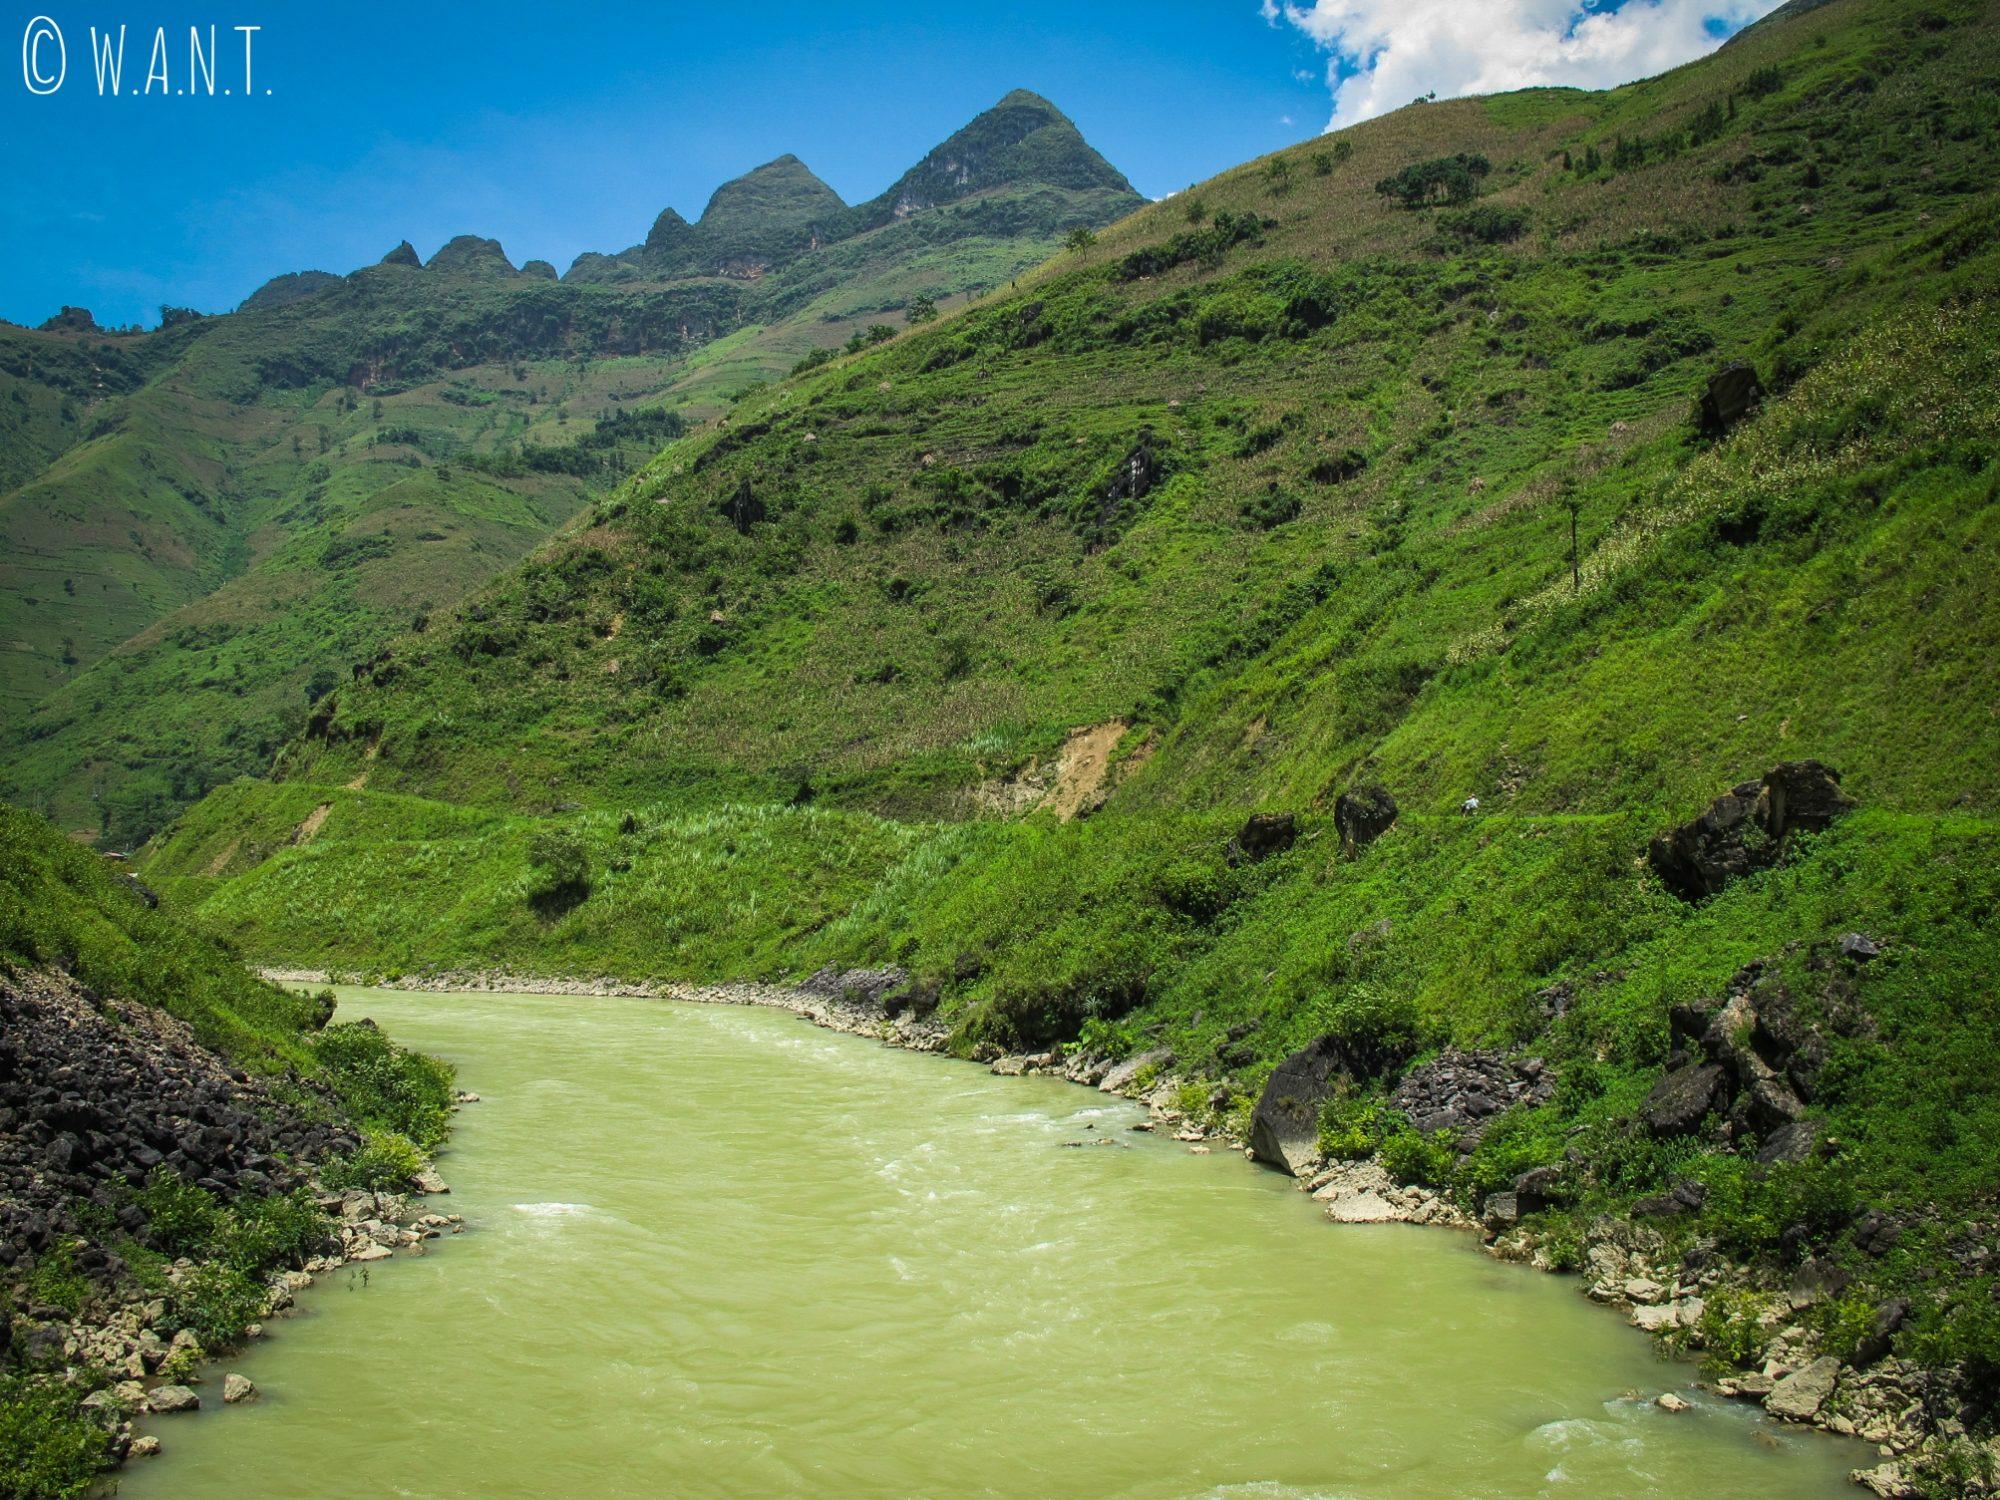 Rivière Nho Que sur la route du village de Xin Cai